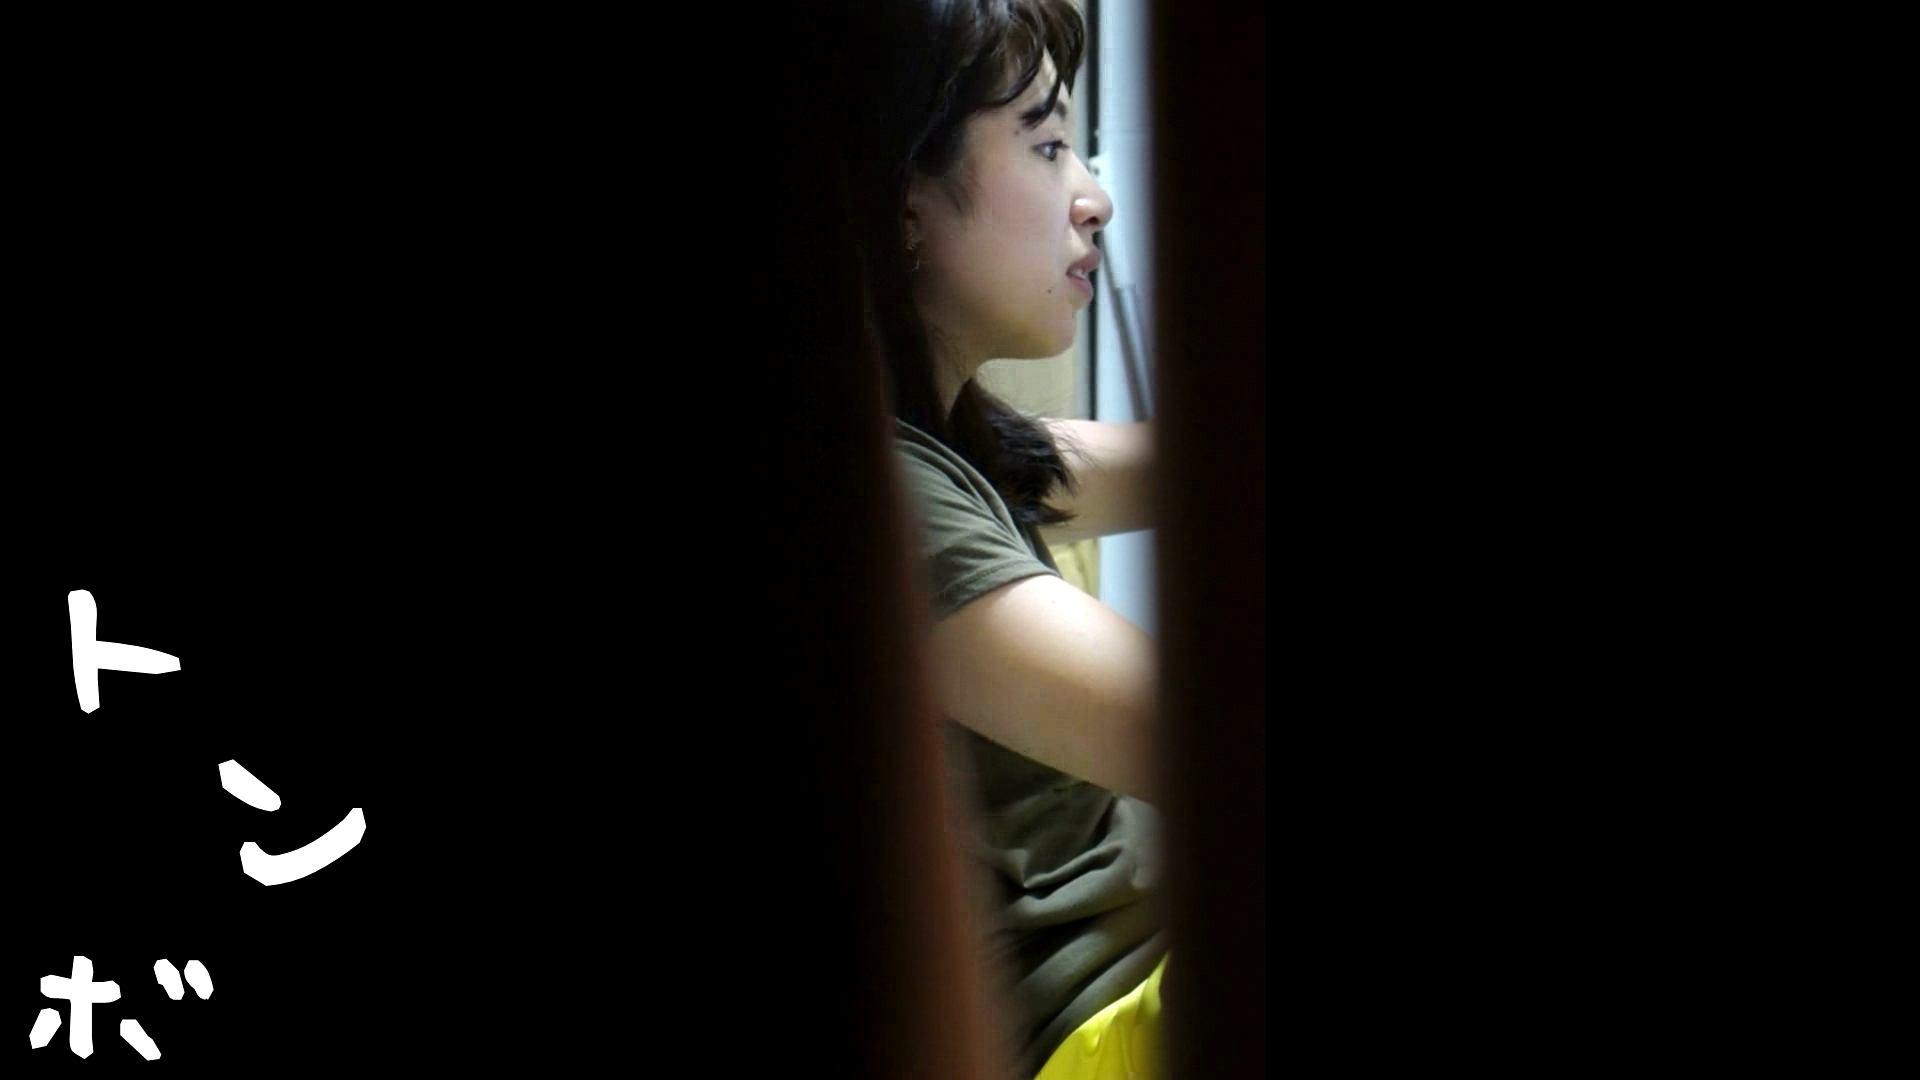 リアル盗撮 ピアスが可愛い一人暮らし女子大生の部屋ヌード 細身女性 オメコ動画キャプチャ 55画像 4